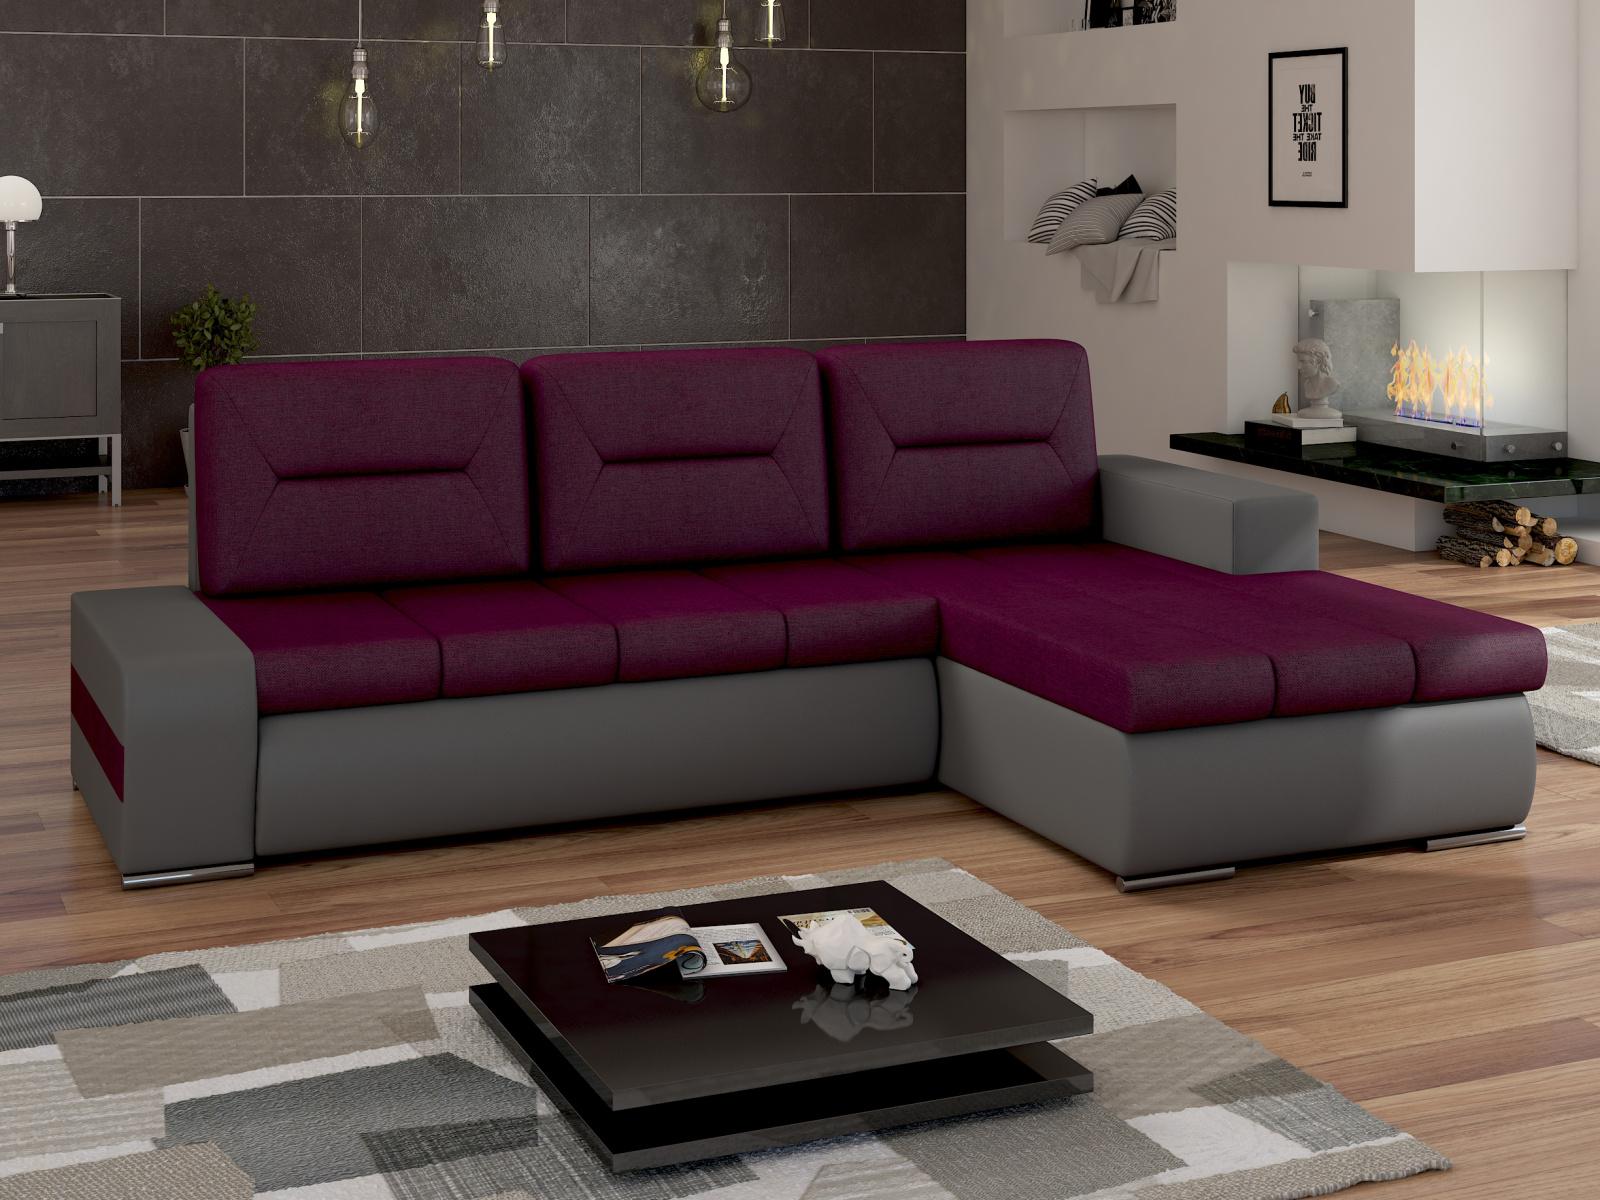 ELTAP Rohová sedačka OTTAVIO Ov18 pravá, fialová látka/šedá ekokůže